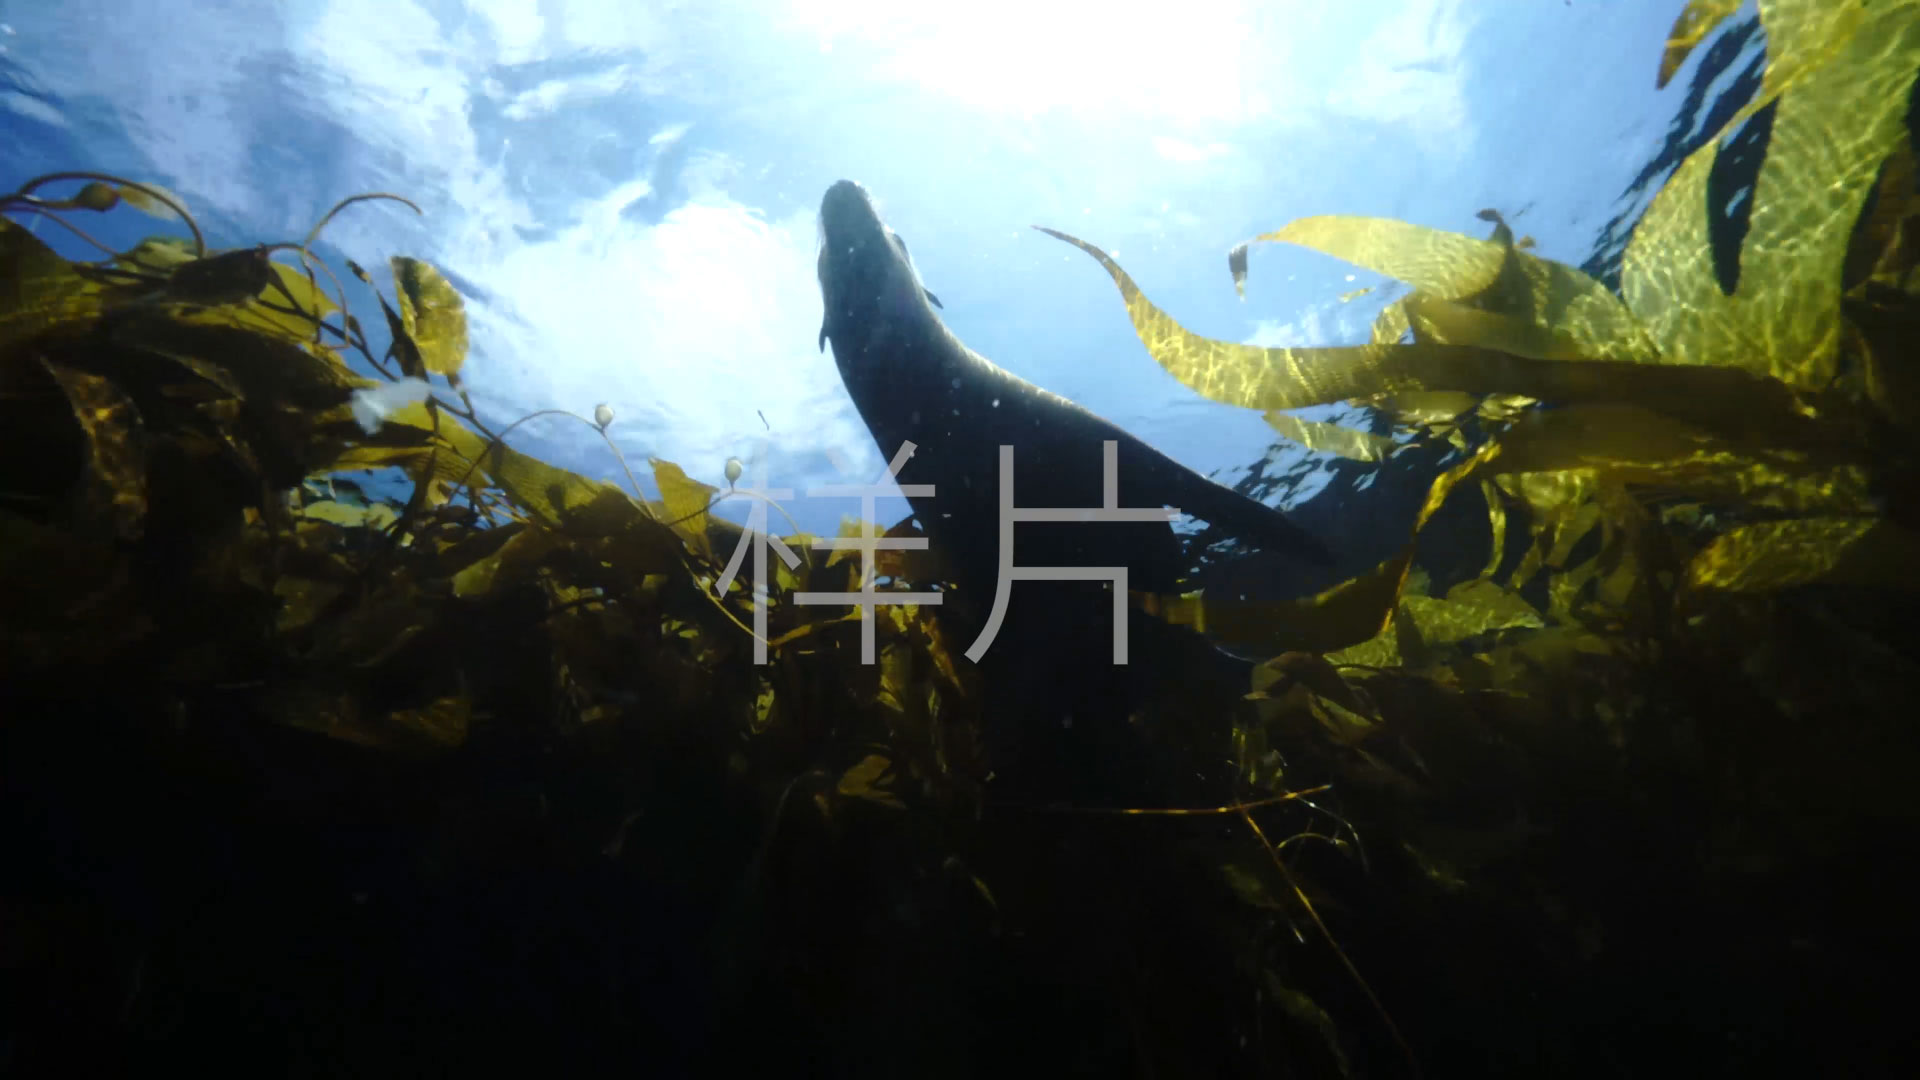 马尾藻 海狮